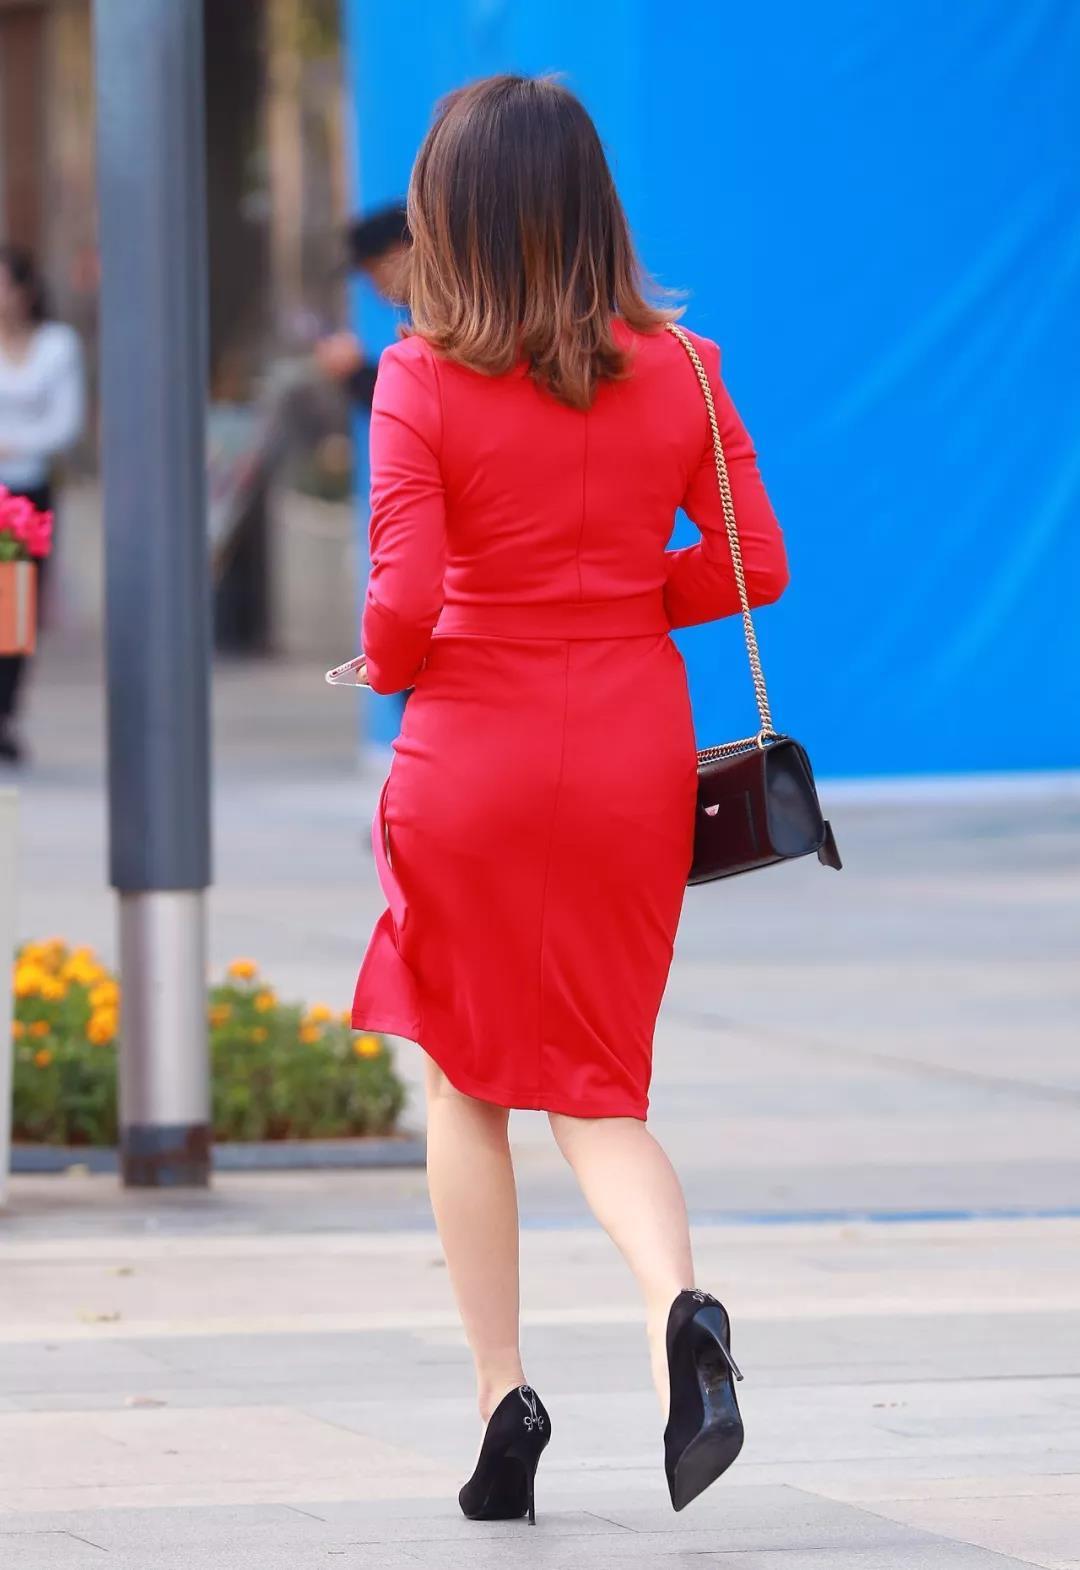 街拍路人,红色开衩连衣裙穿搭参考,让你减龄又